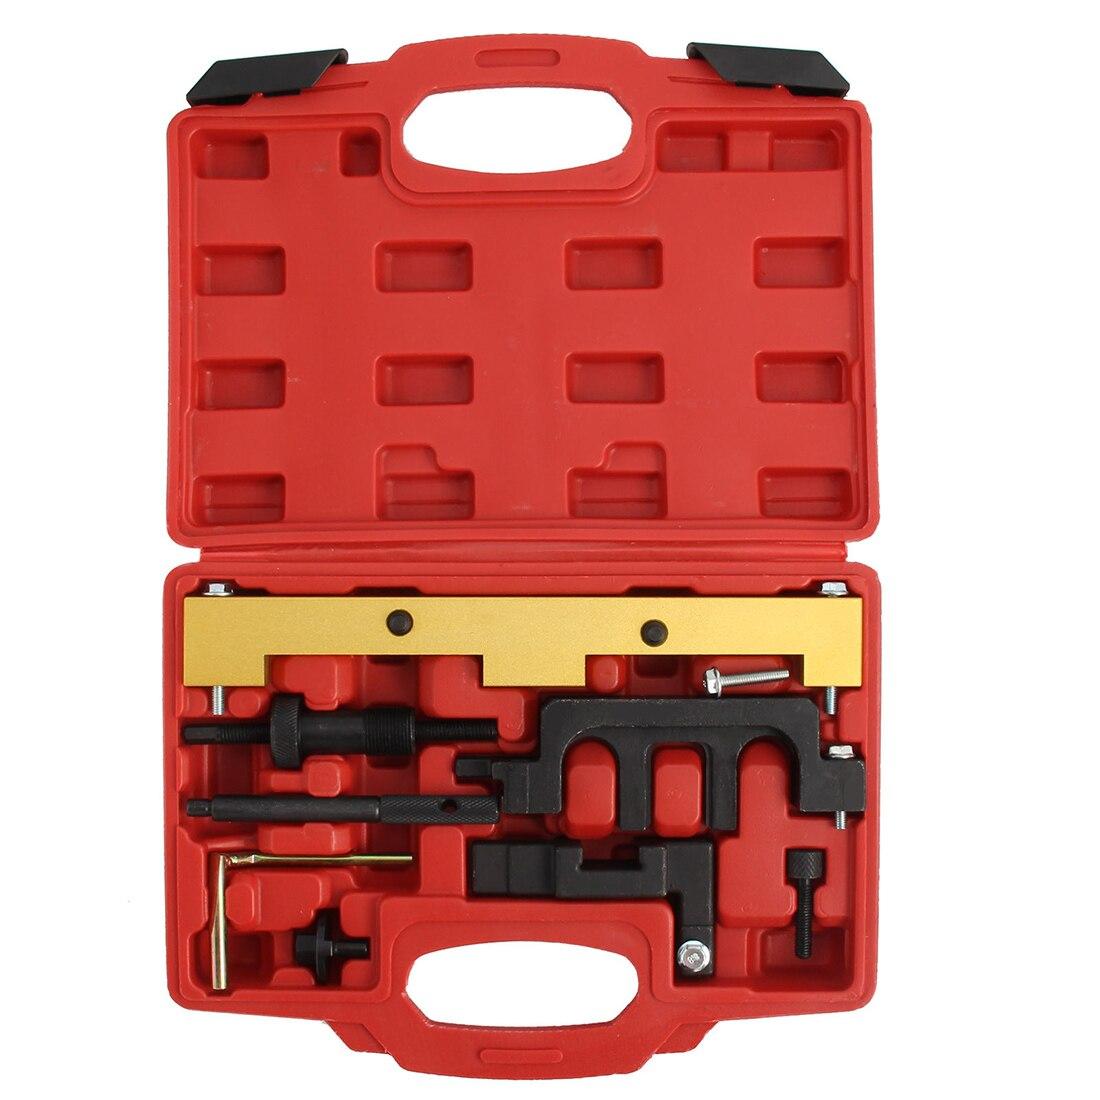 WSFS Kit d'outils de verrouillage de moteur à essence à réglage de calage à chaud pour BM W N42 N46 N46T Kit d'outils de réglage de calage de moteur professionnel